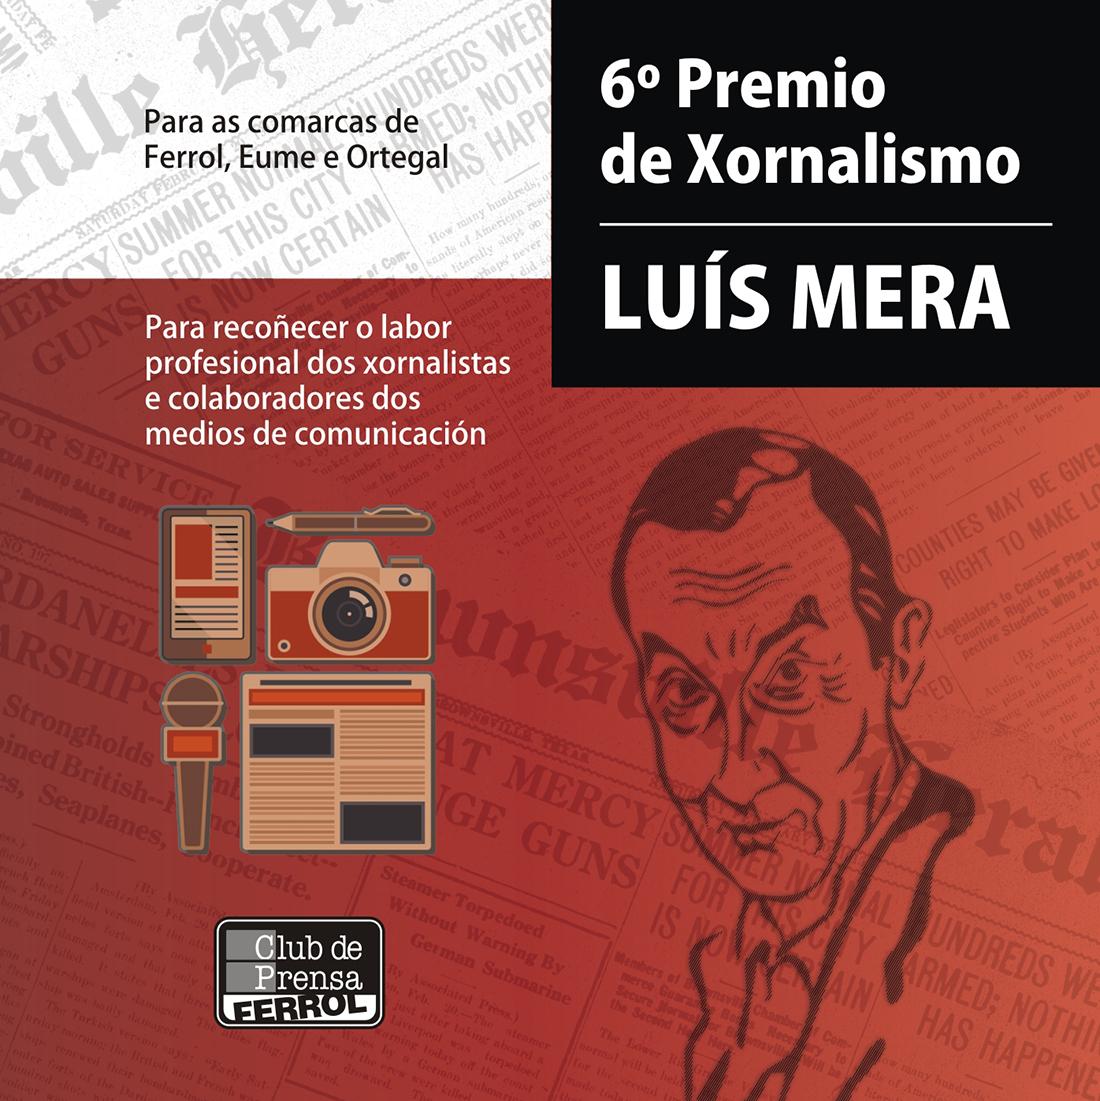 VI Premio Luis Mera